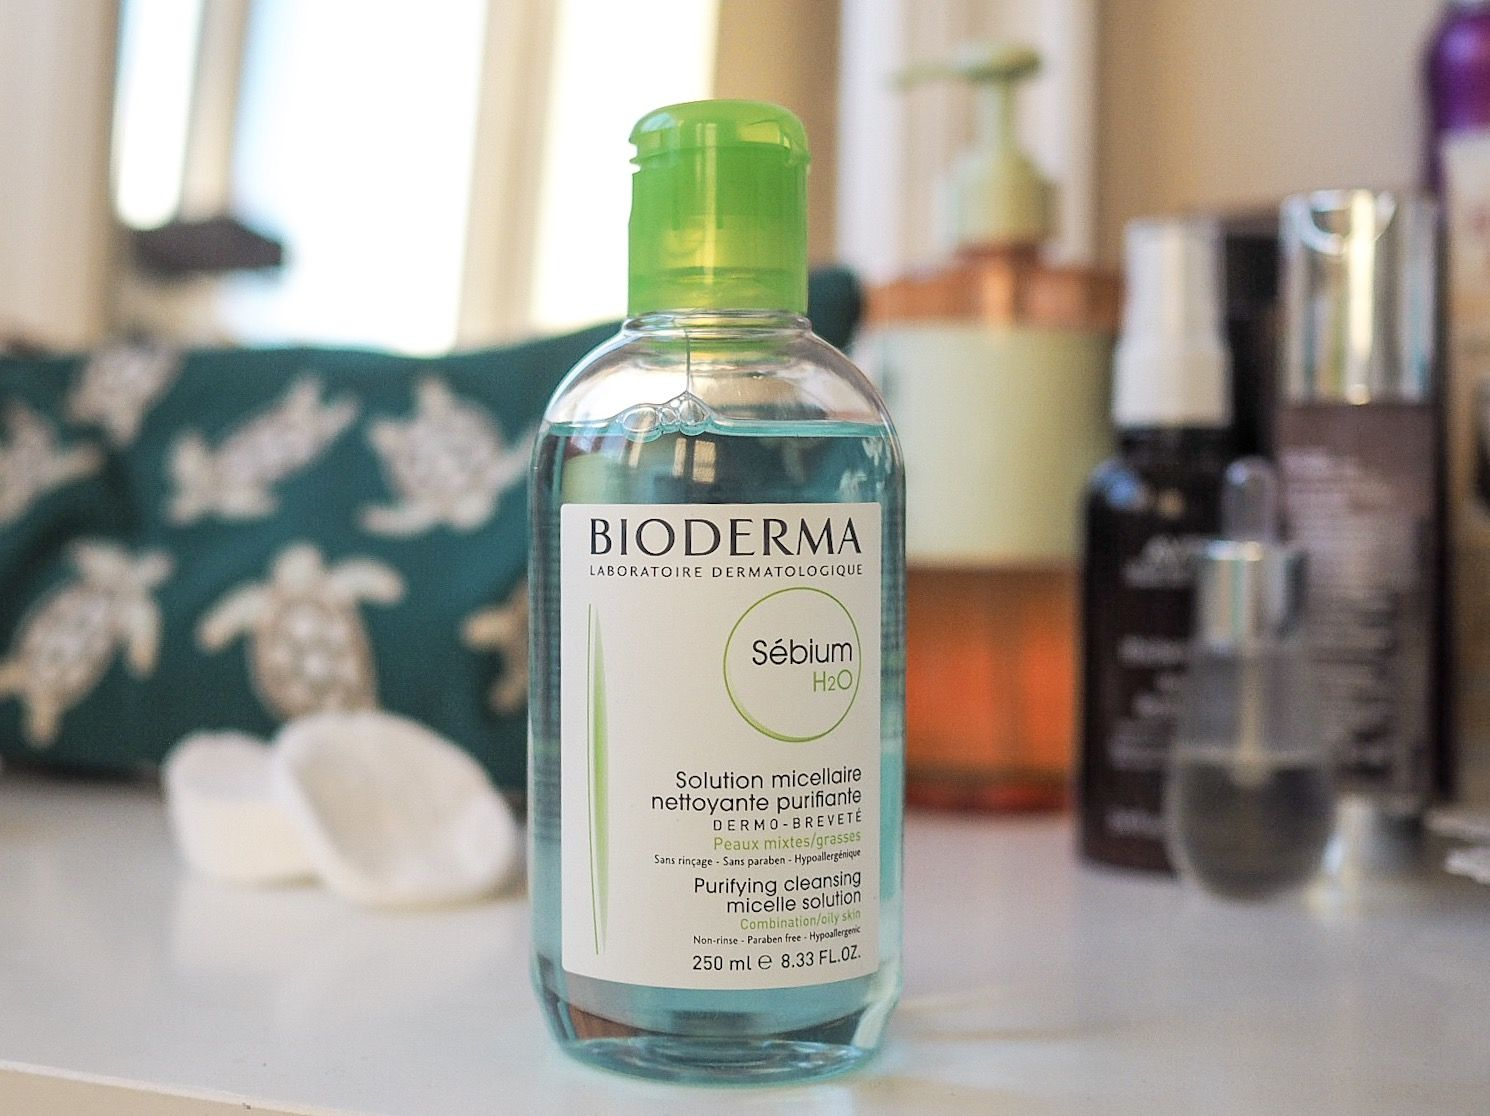 Bioderma Sébium H2O Bioderma sebium, Bioderma, Bioderma